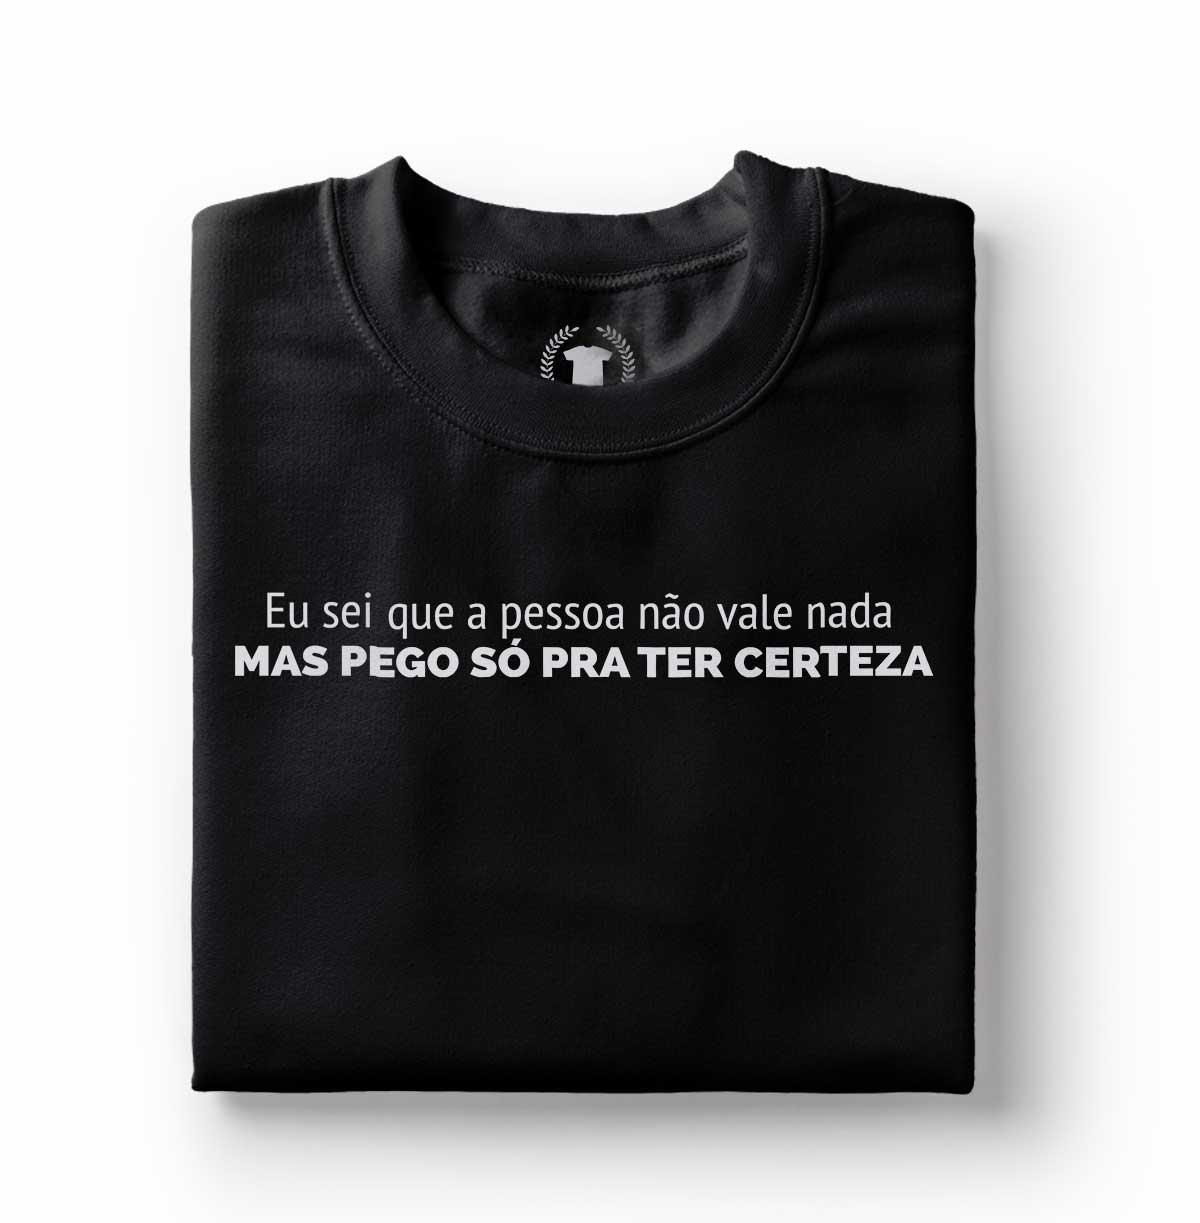 camiseta engracada eu sei que a pessoa nao vale nada